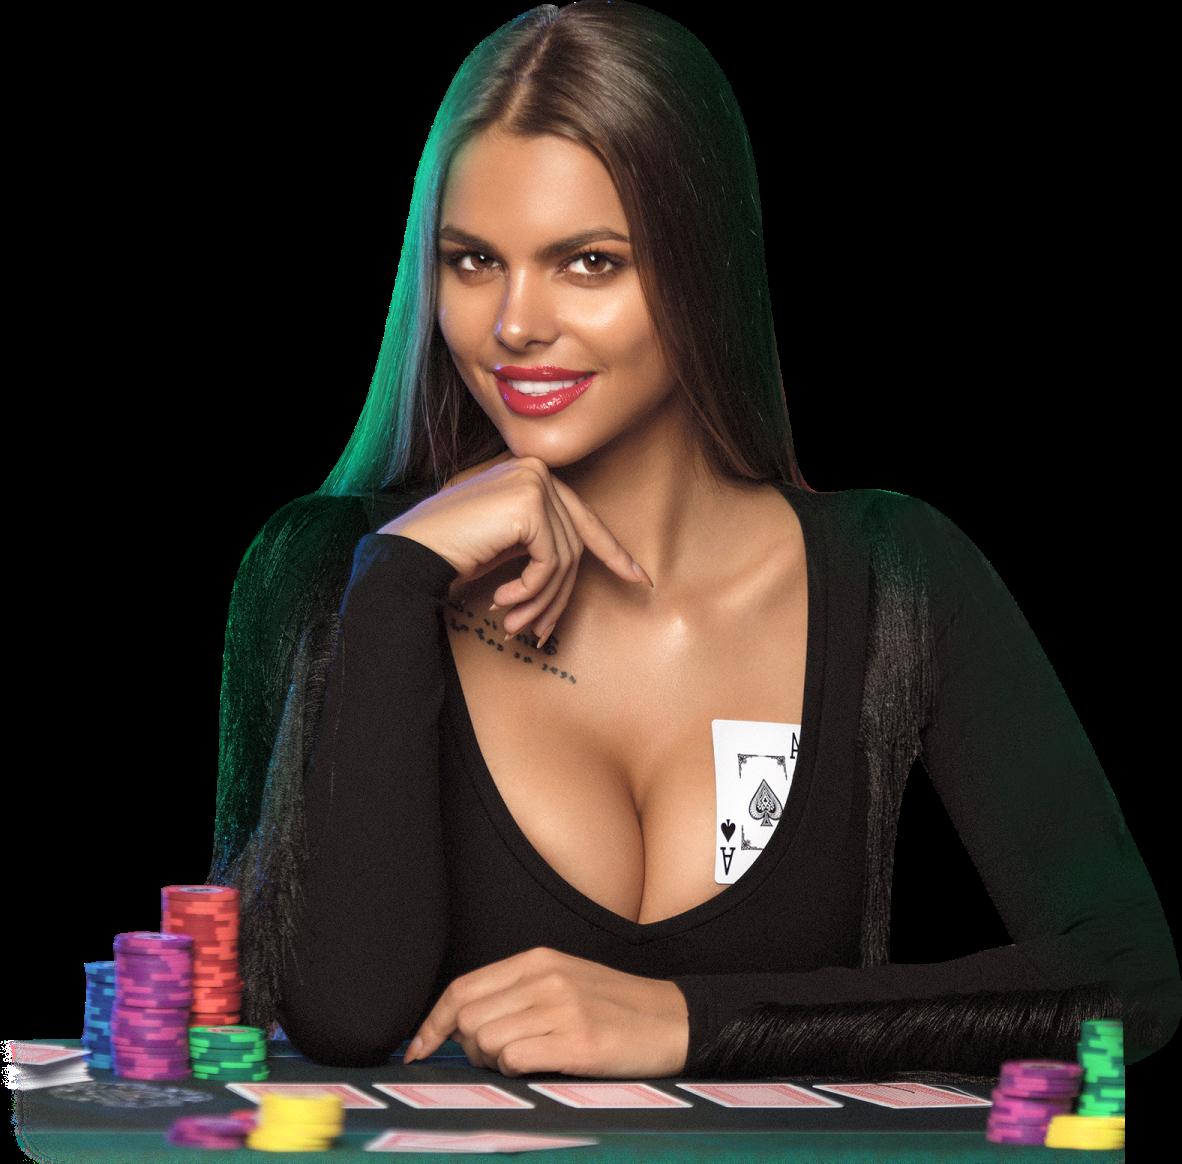 Assistência poker jogos de 62830